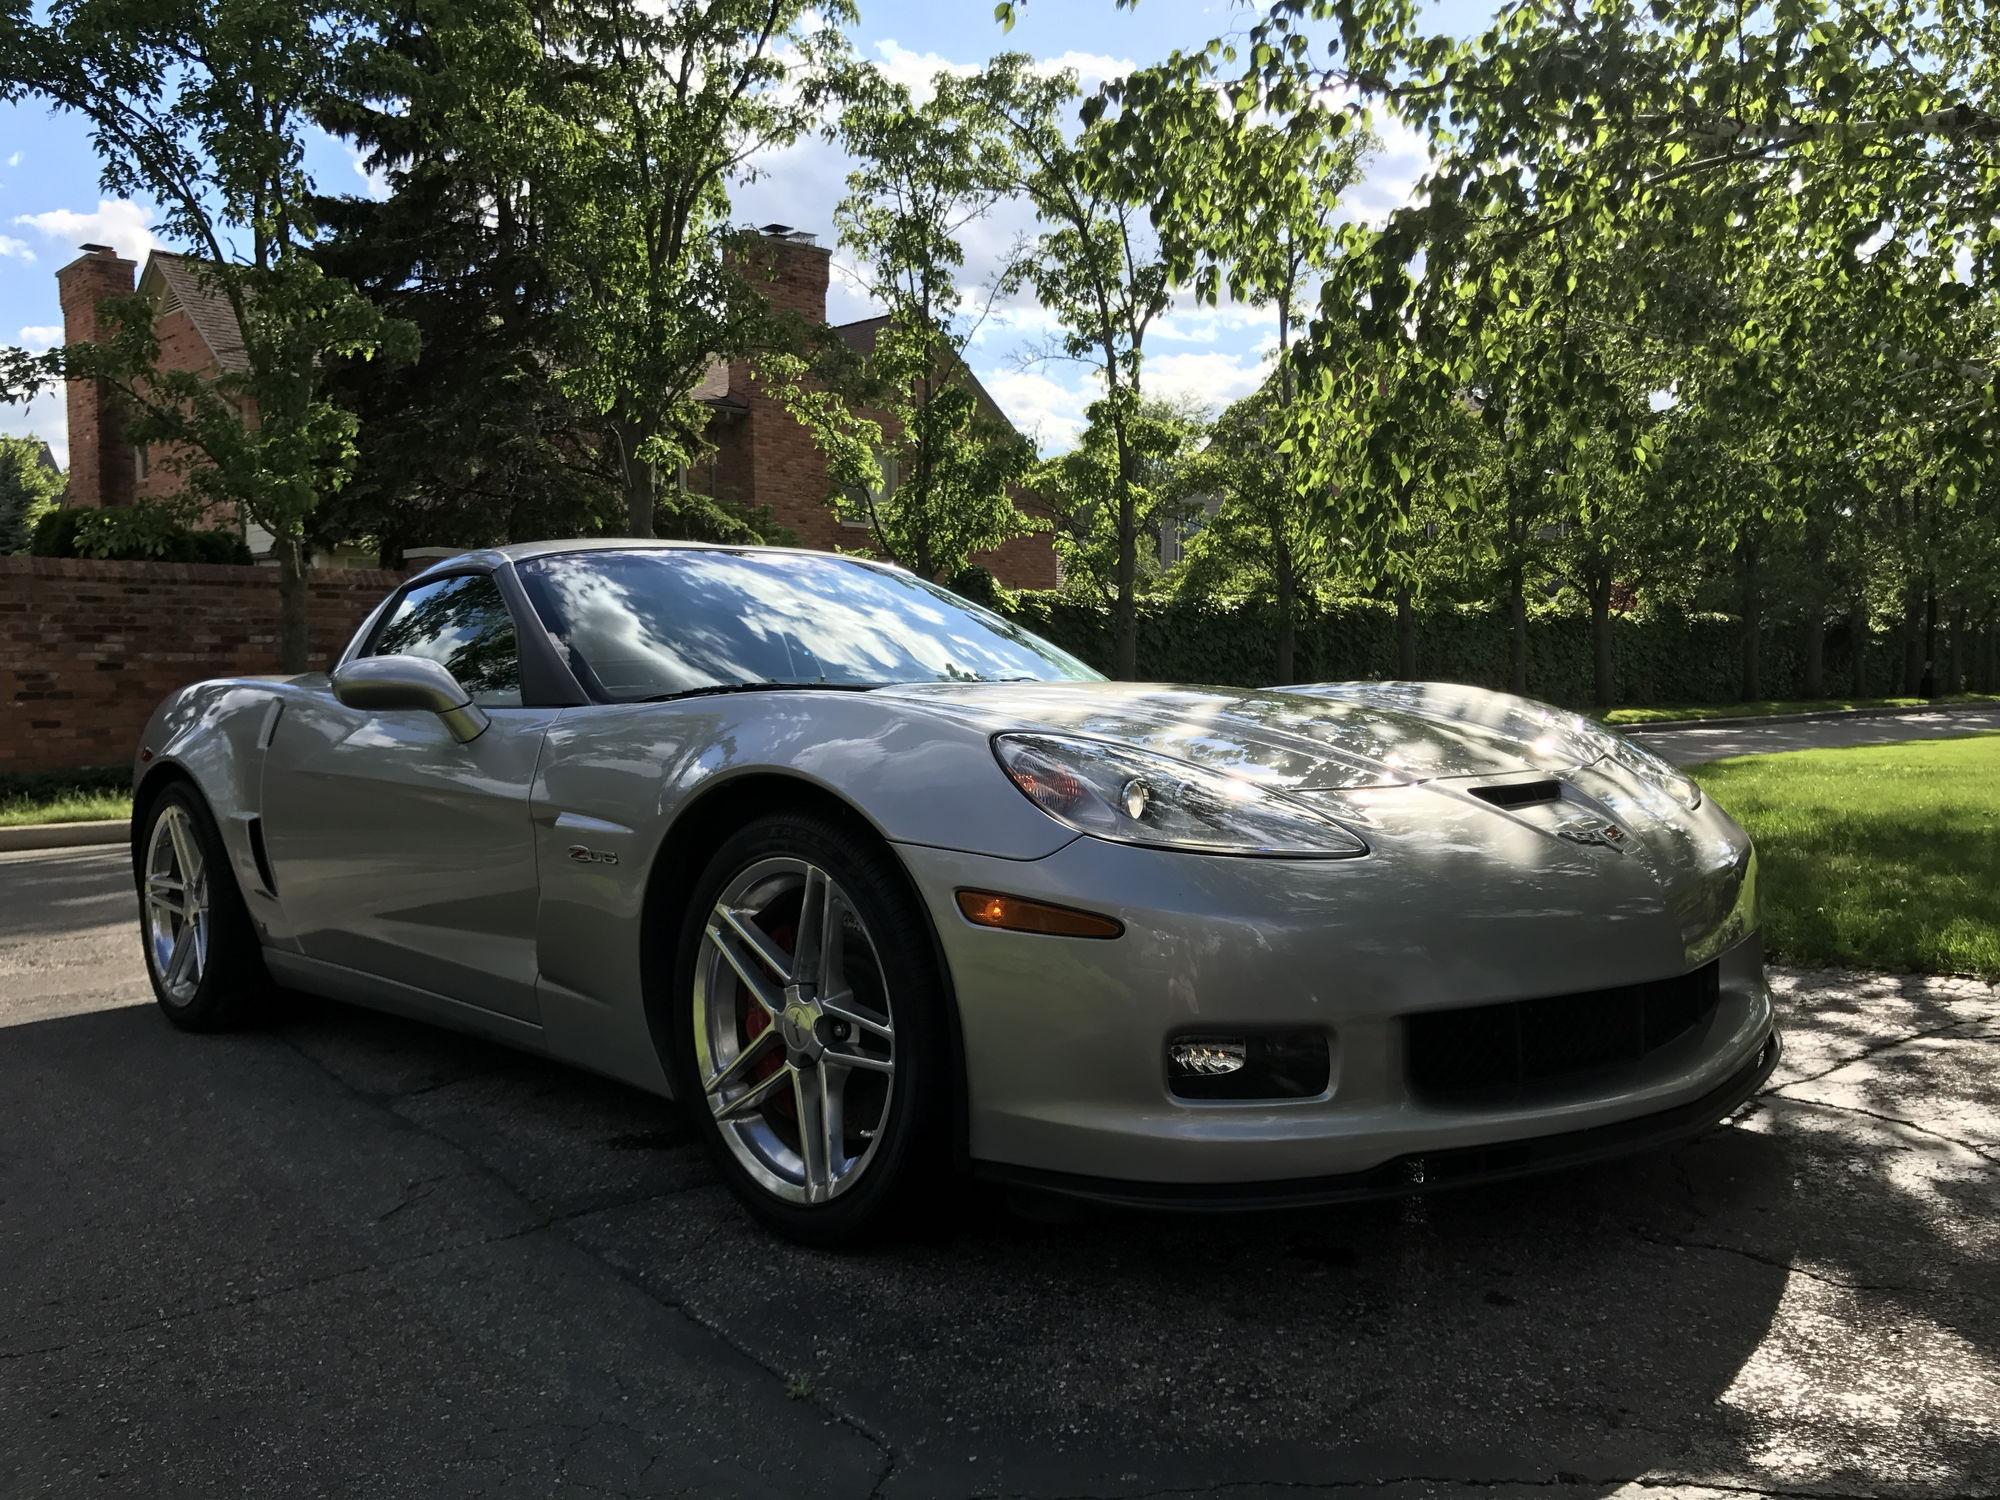 fs for sale 2006 z06 2lt 5k miles corvetteforum chevrolet corvette forum discussion. Black Bedroom Furniture Sets. Home Design Ideas